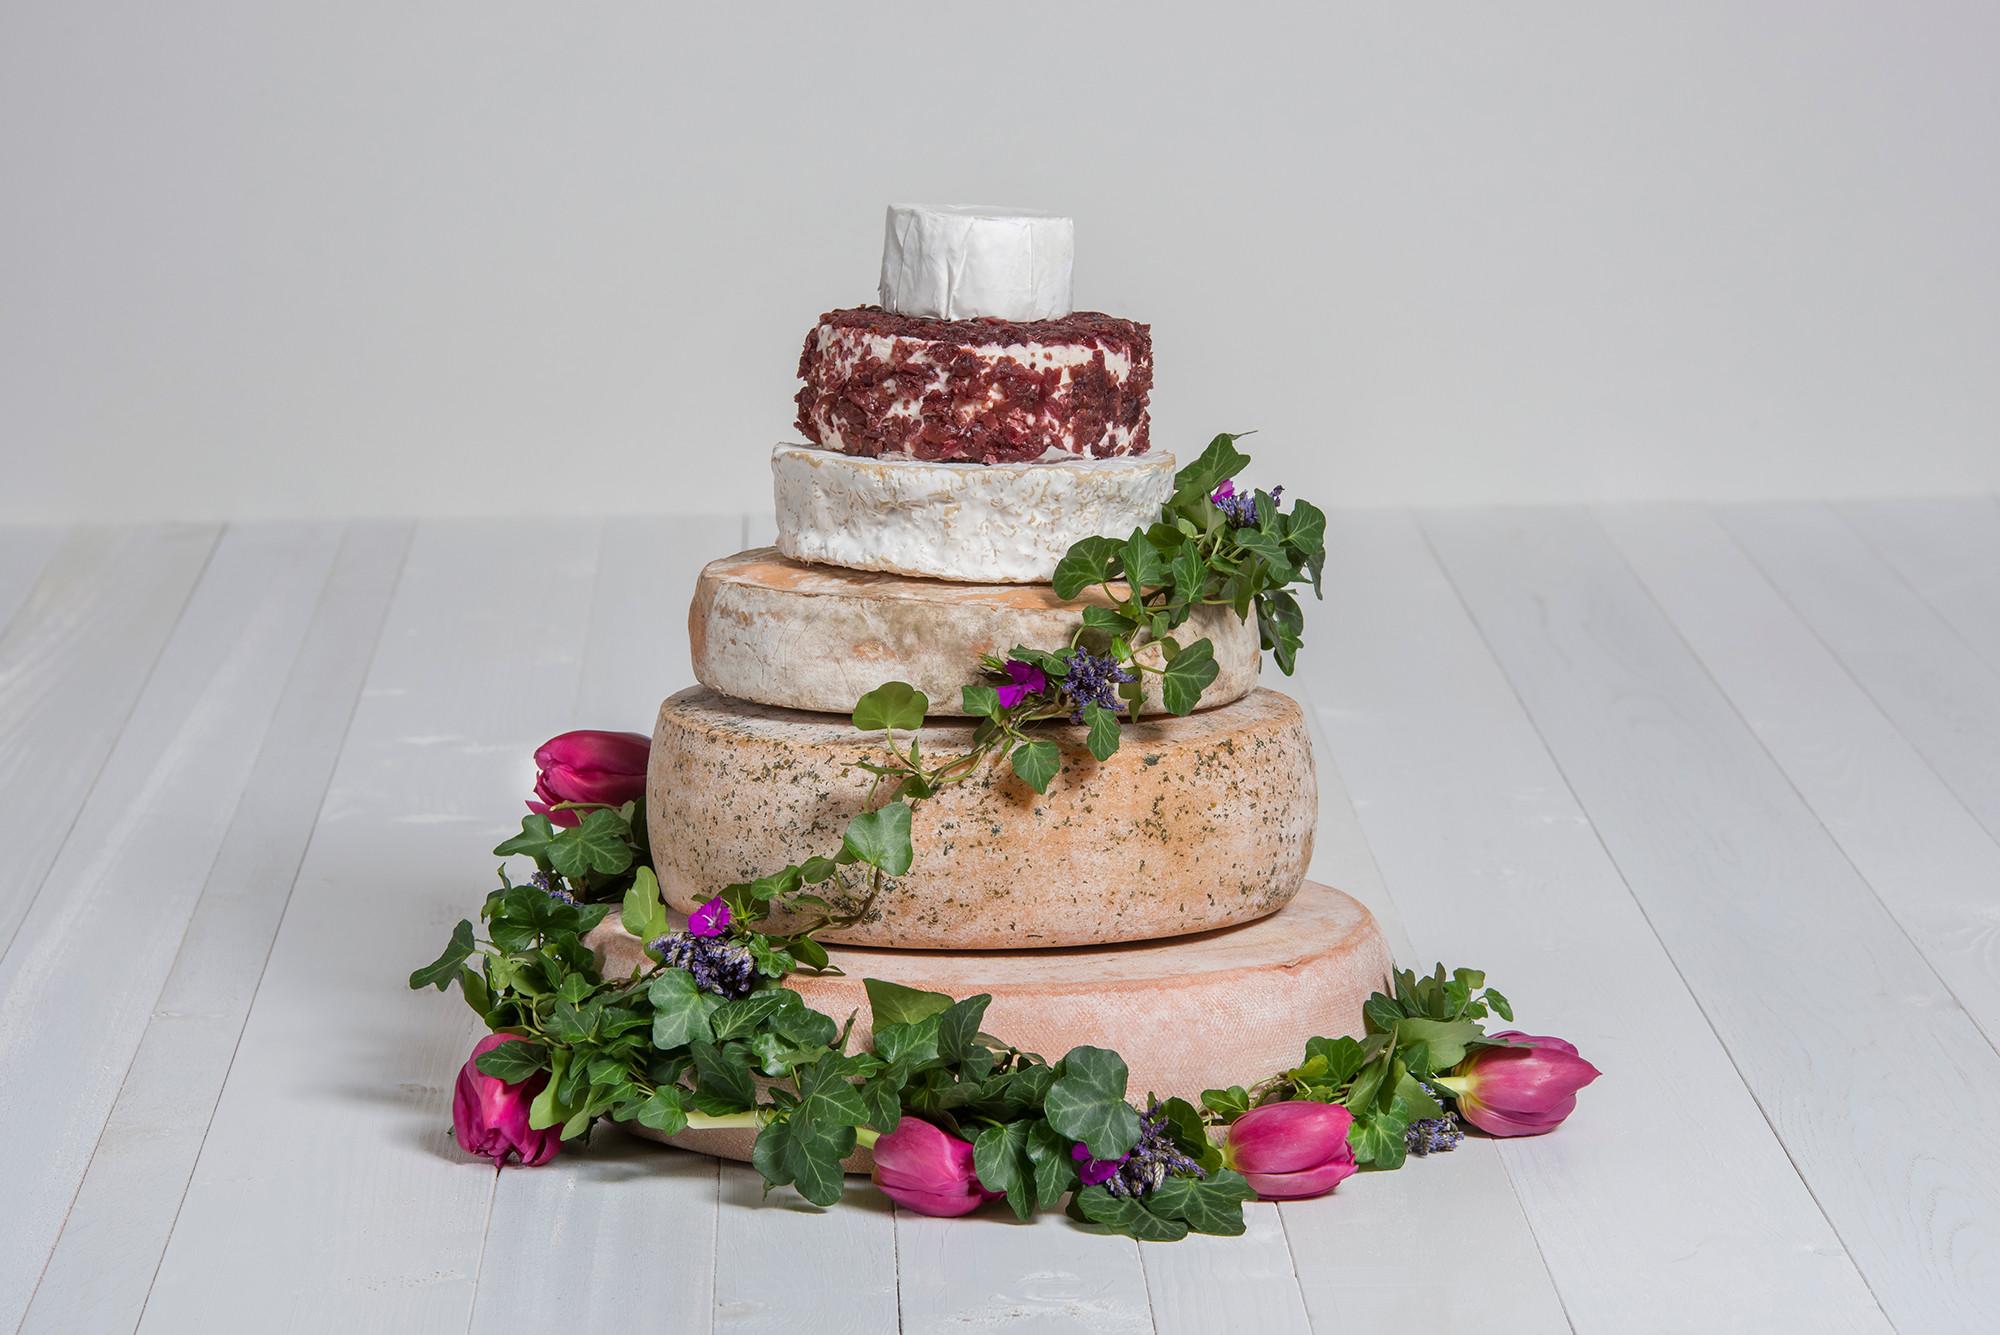 Käse-Hochzeitstorte 'Victoria' Probierpaket